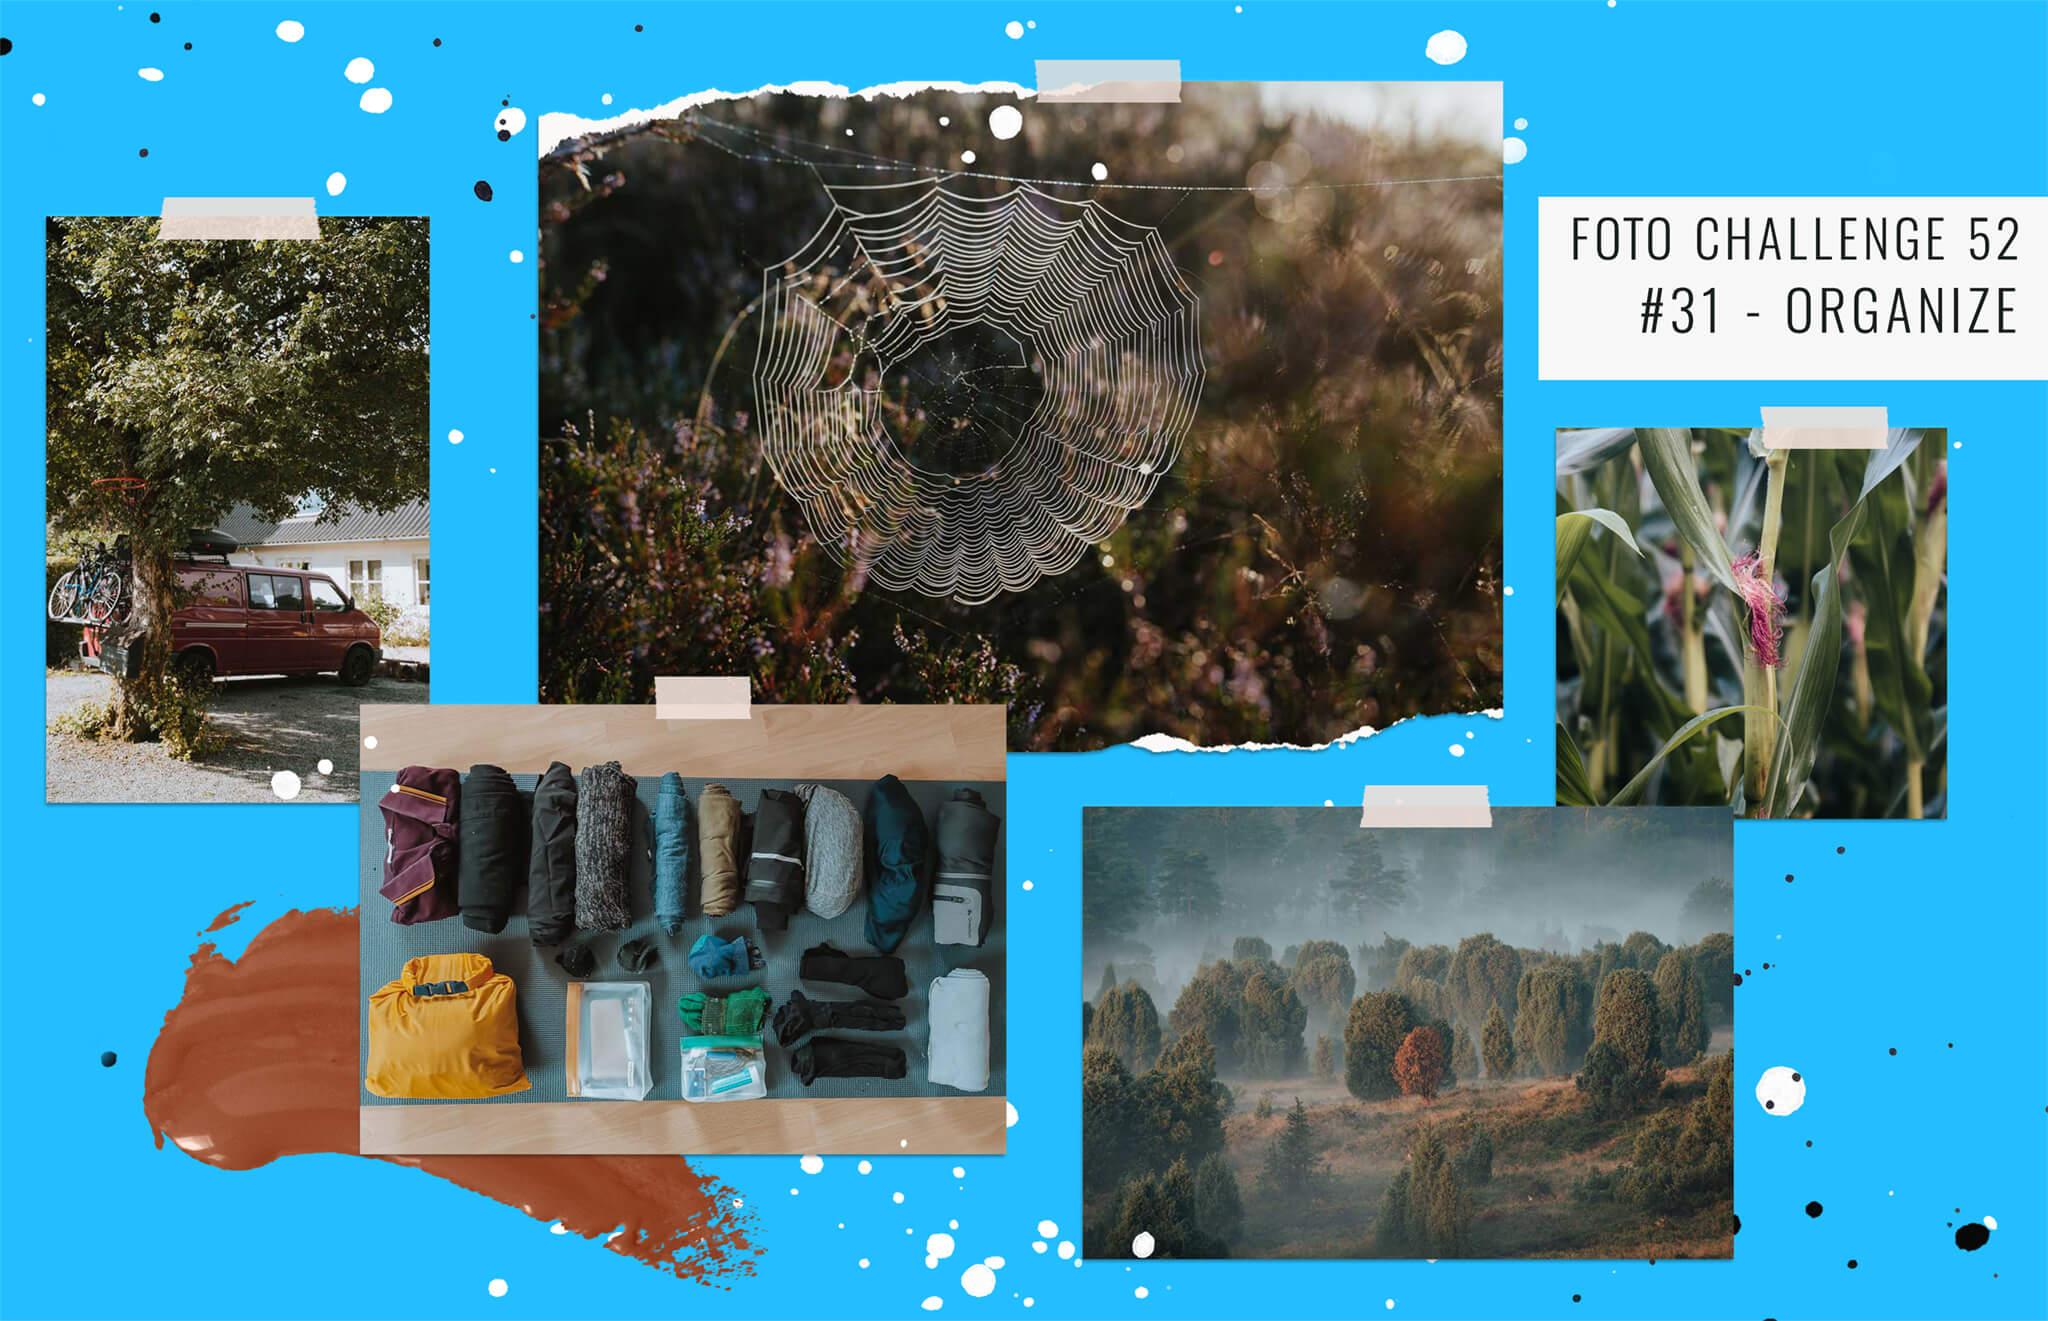 Teaser foto-challenge-52-organize